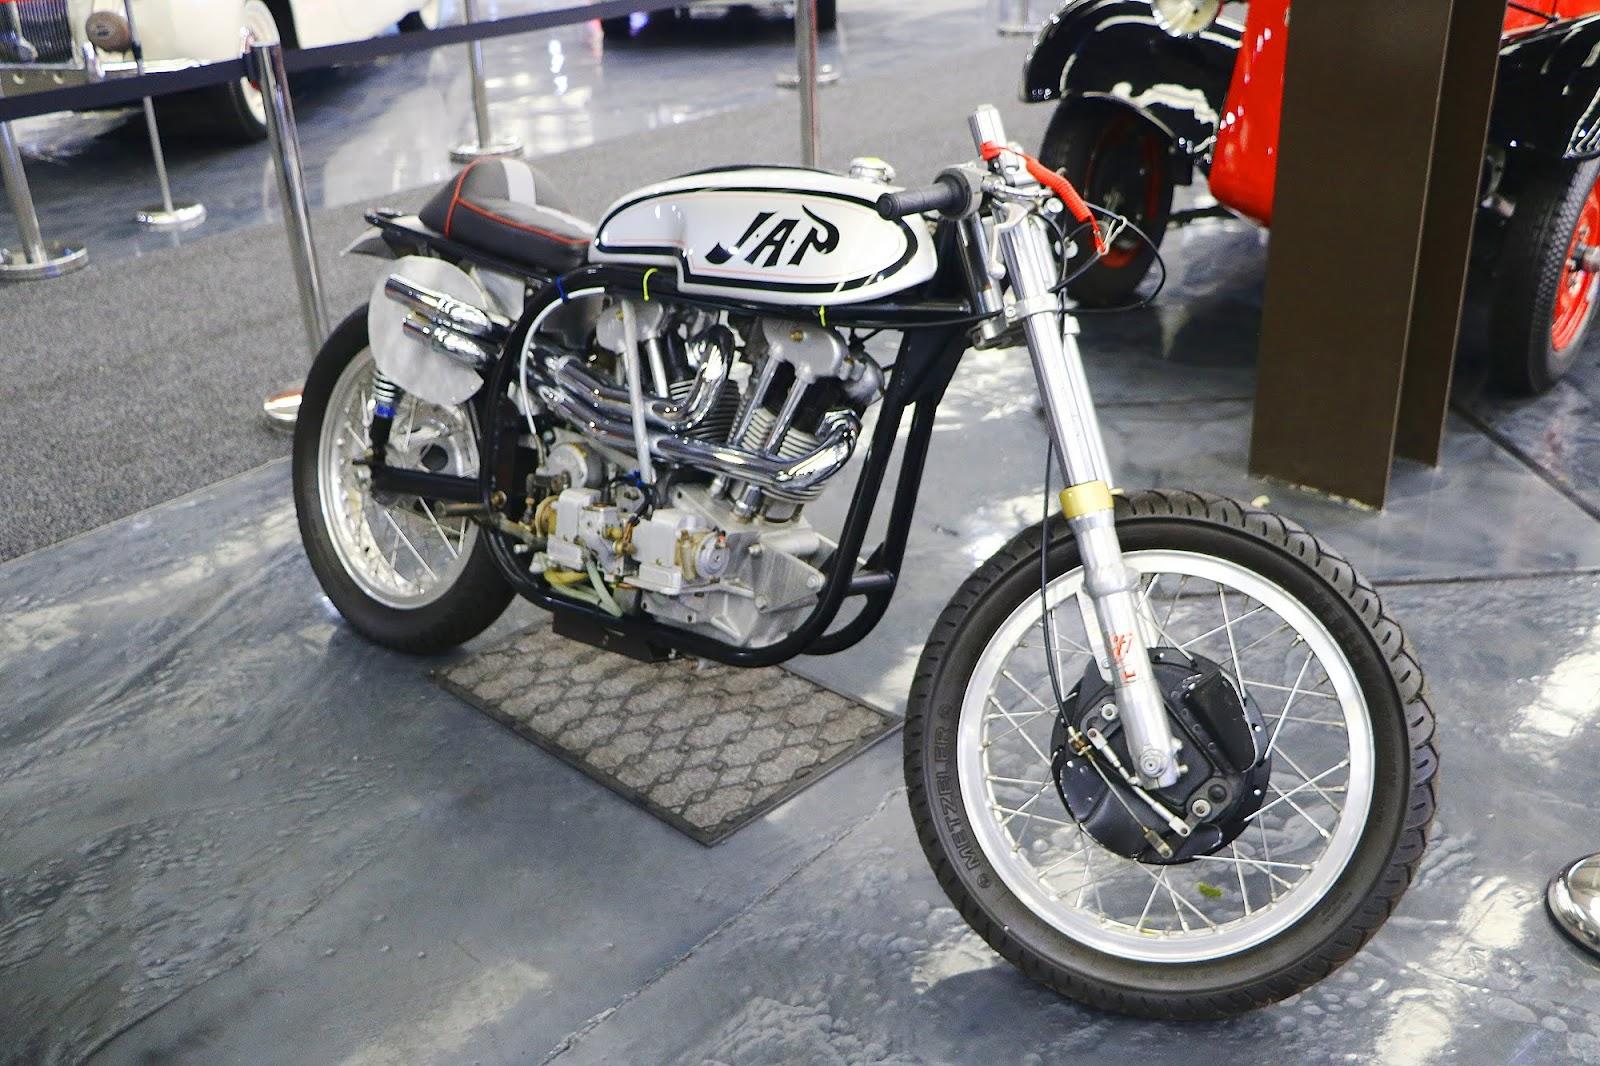 1960 JAP Motorcycle.jpg